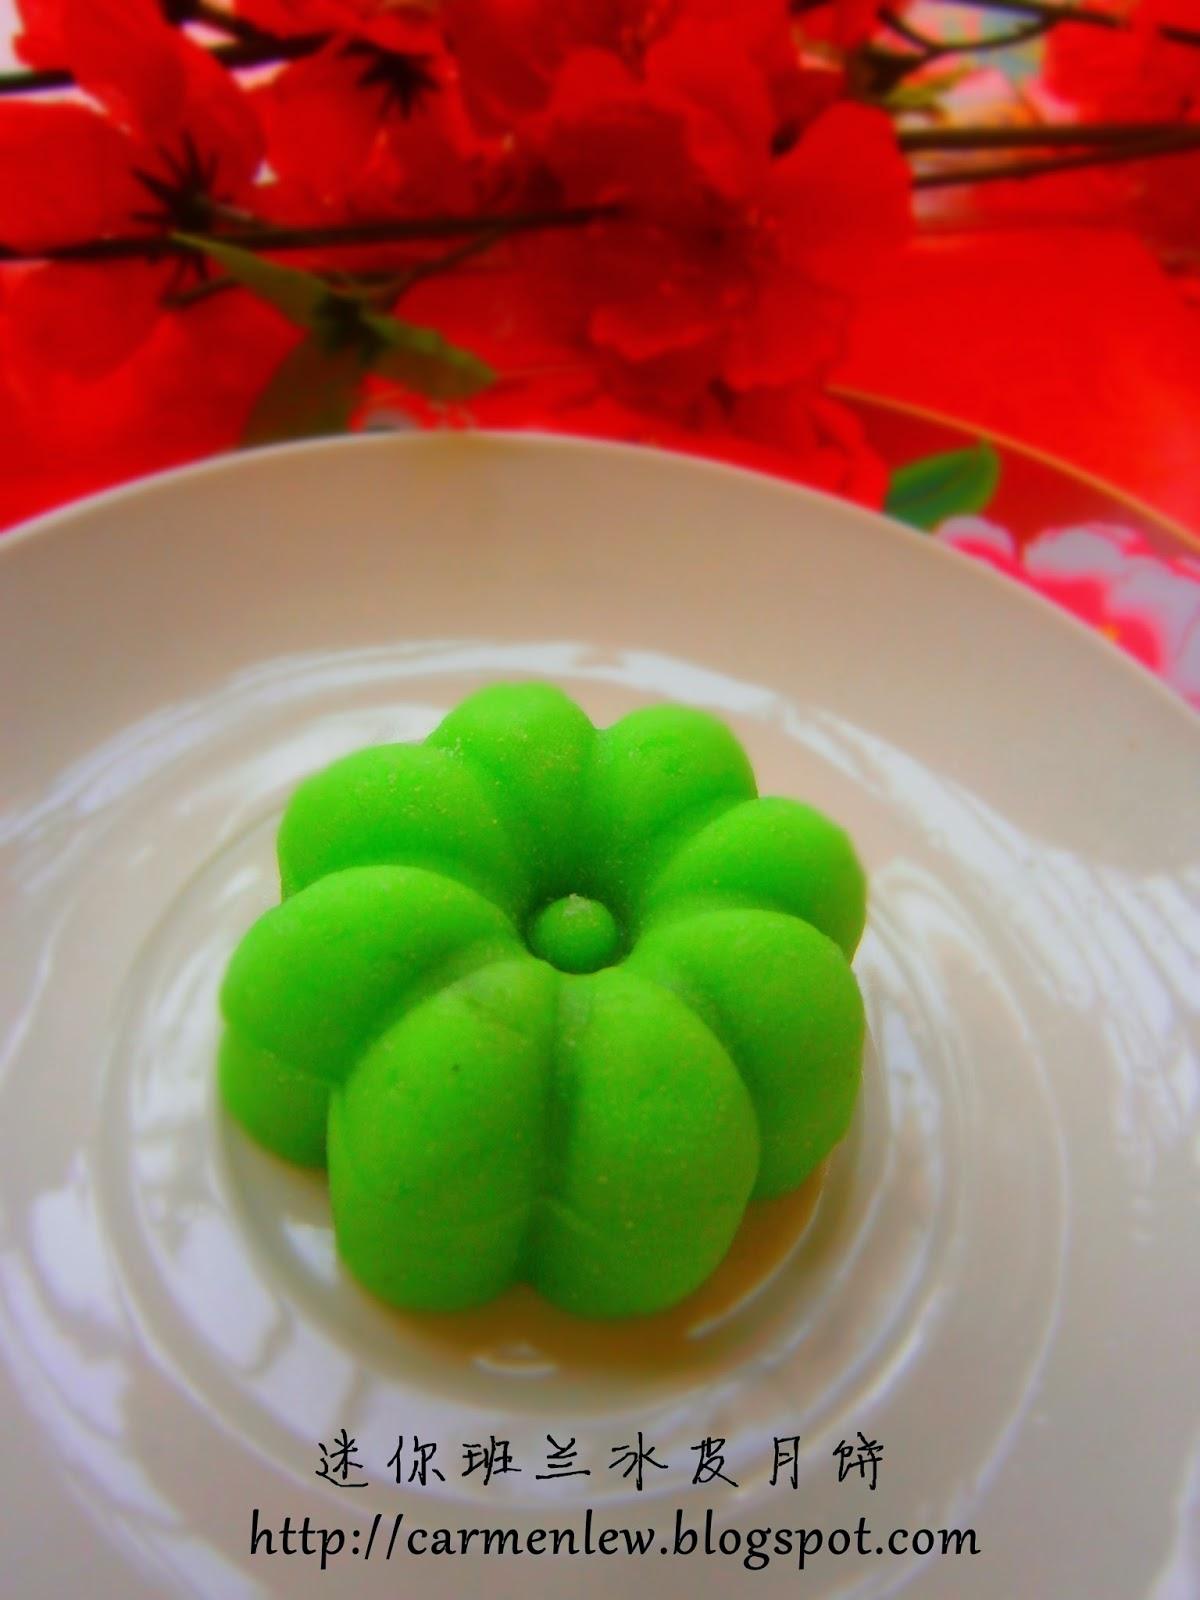 ~ Carmen's @ 溫馨烘焙坊 ~: 迷你班蘭冰皮月餅